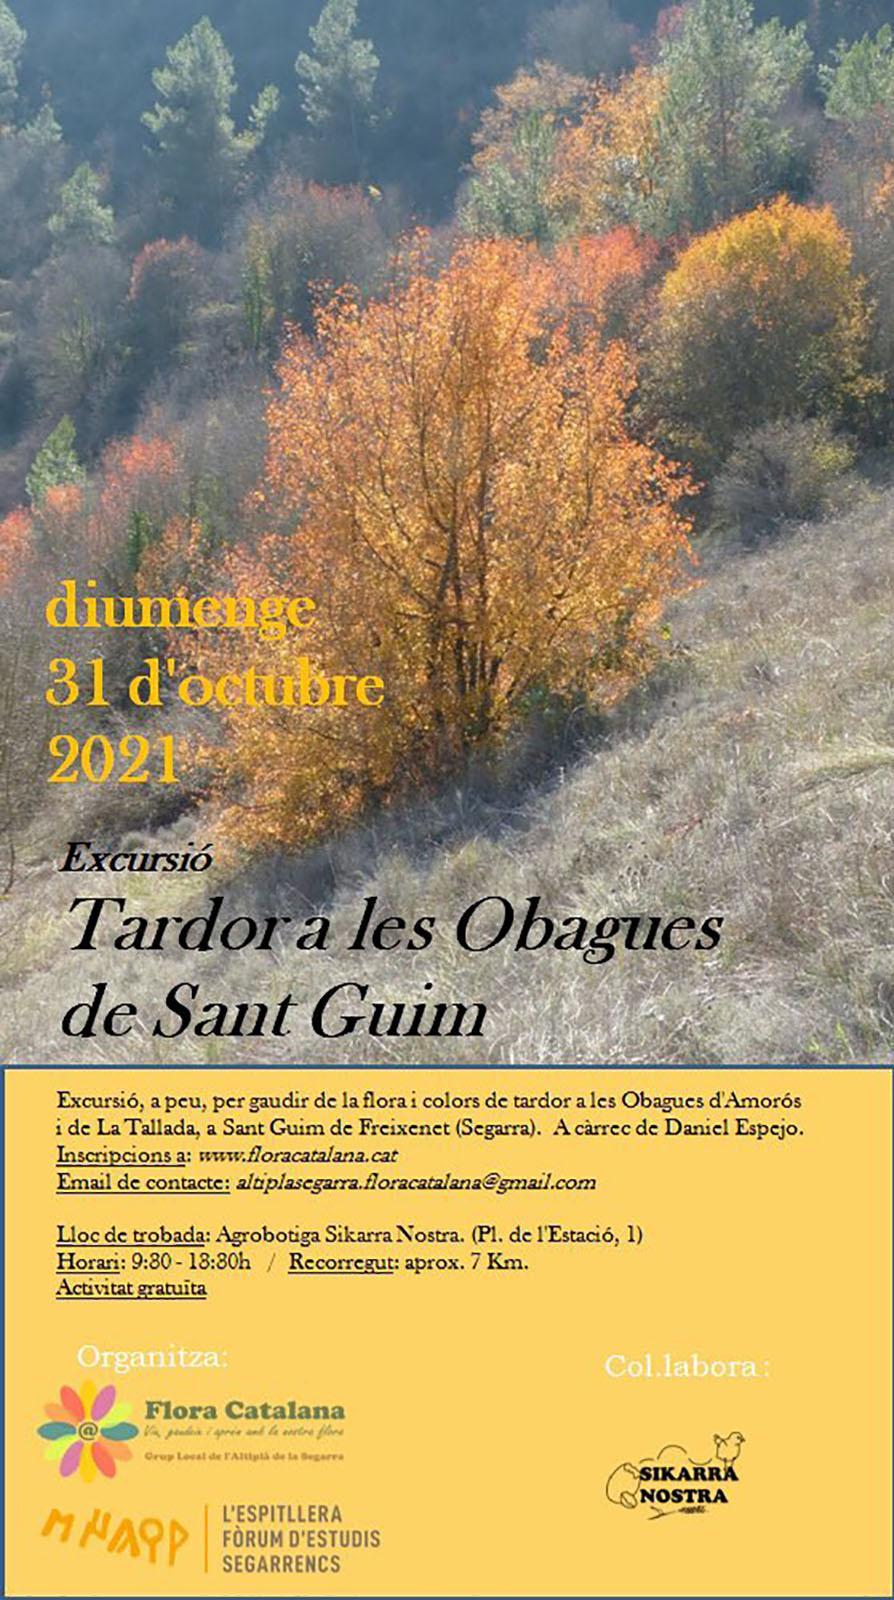 Excursió 'Tardor a les obagues de Sant Guim de Freixenet'